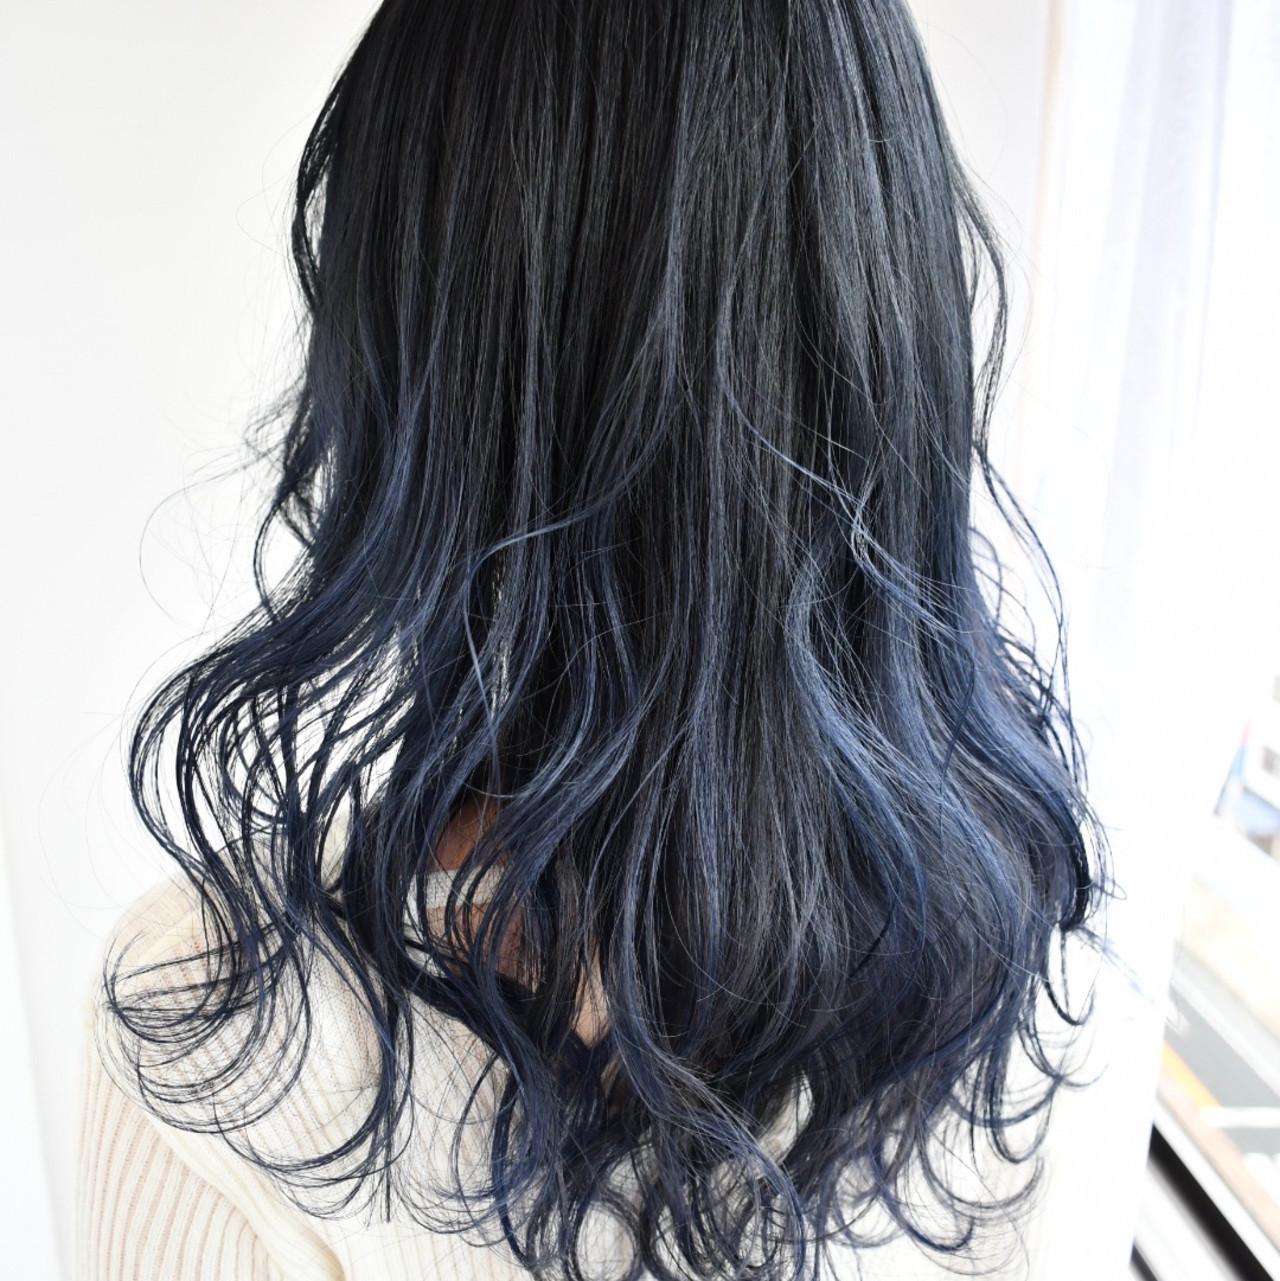 ブルージュ ブルーブラック エレガント ブルーアッシュ ヘアスタイルや髪型の写真・画像